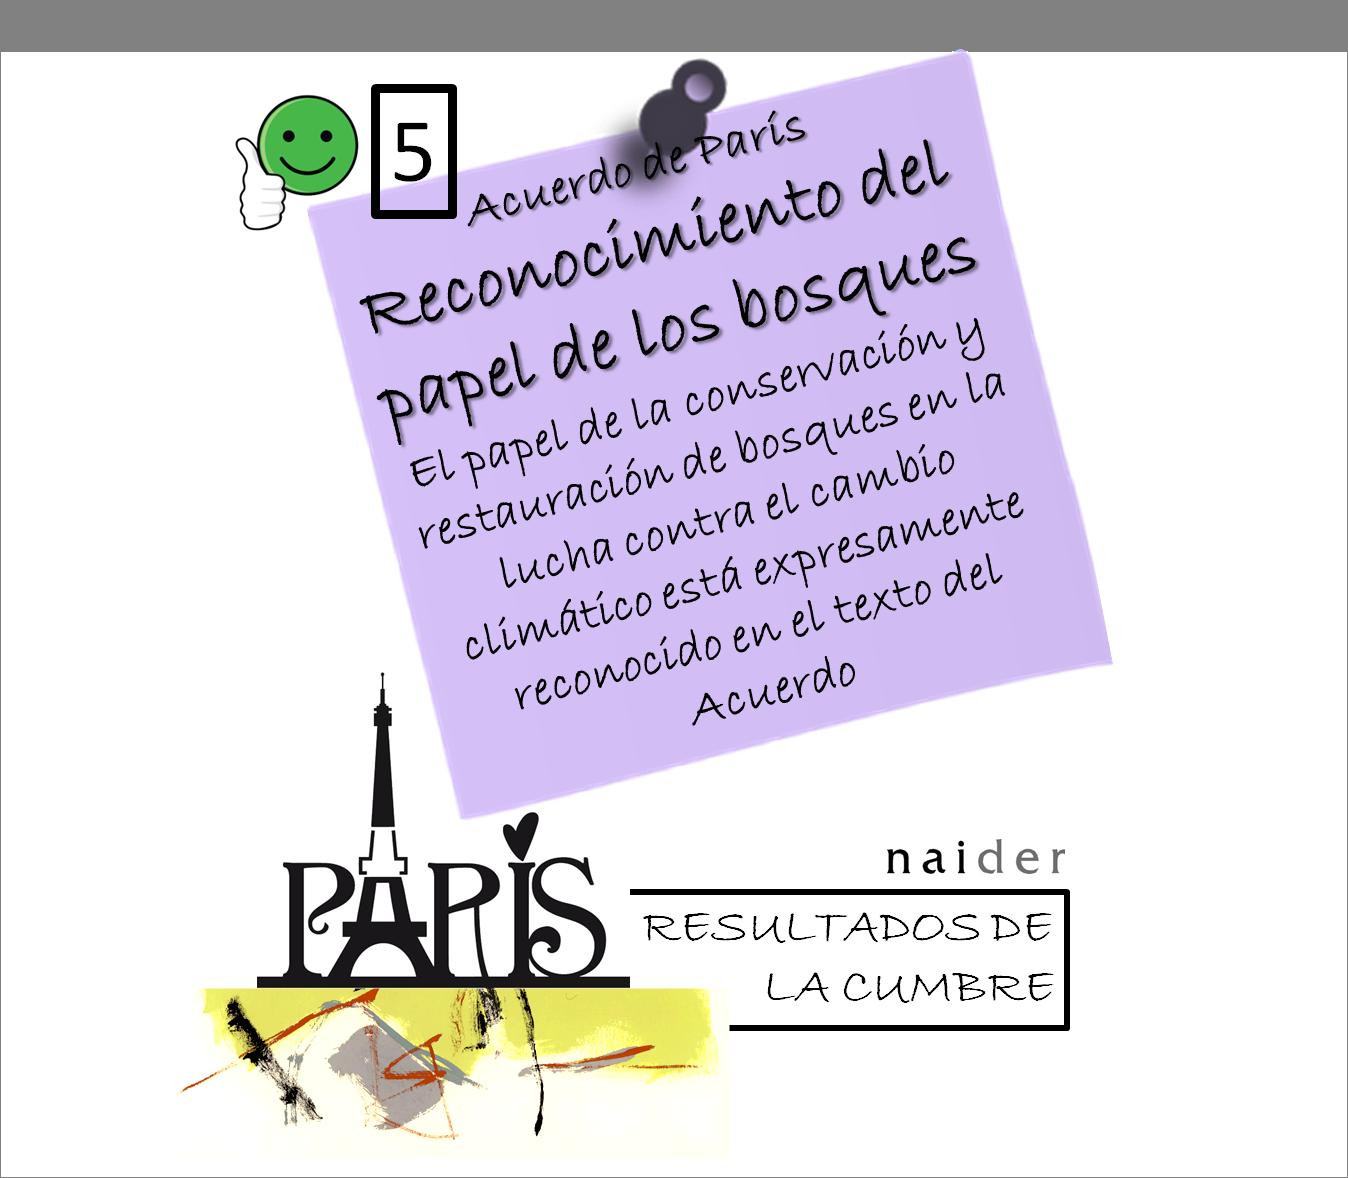 Paris agreement 5